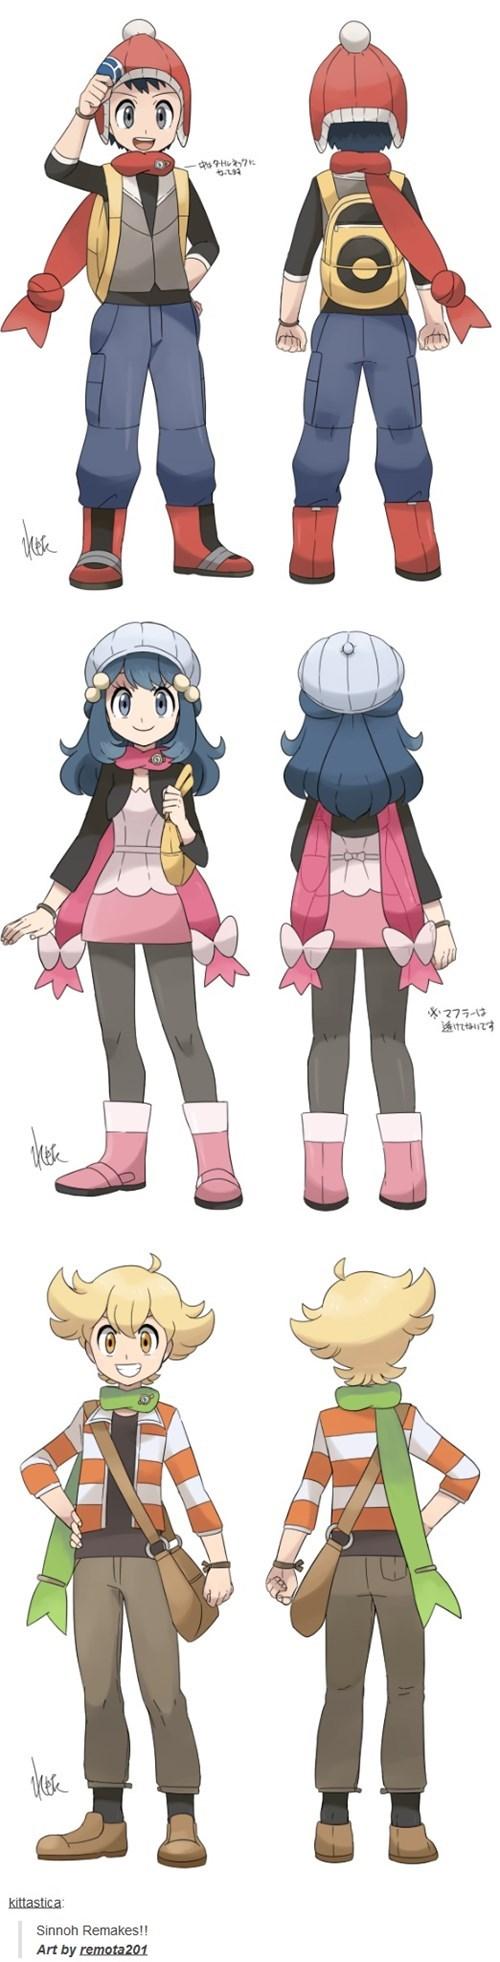 Pokémon remake sinnoh - 8408245248